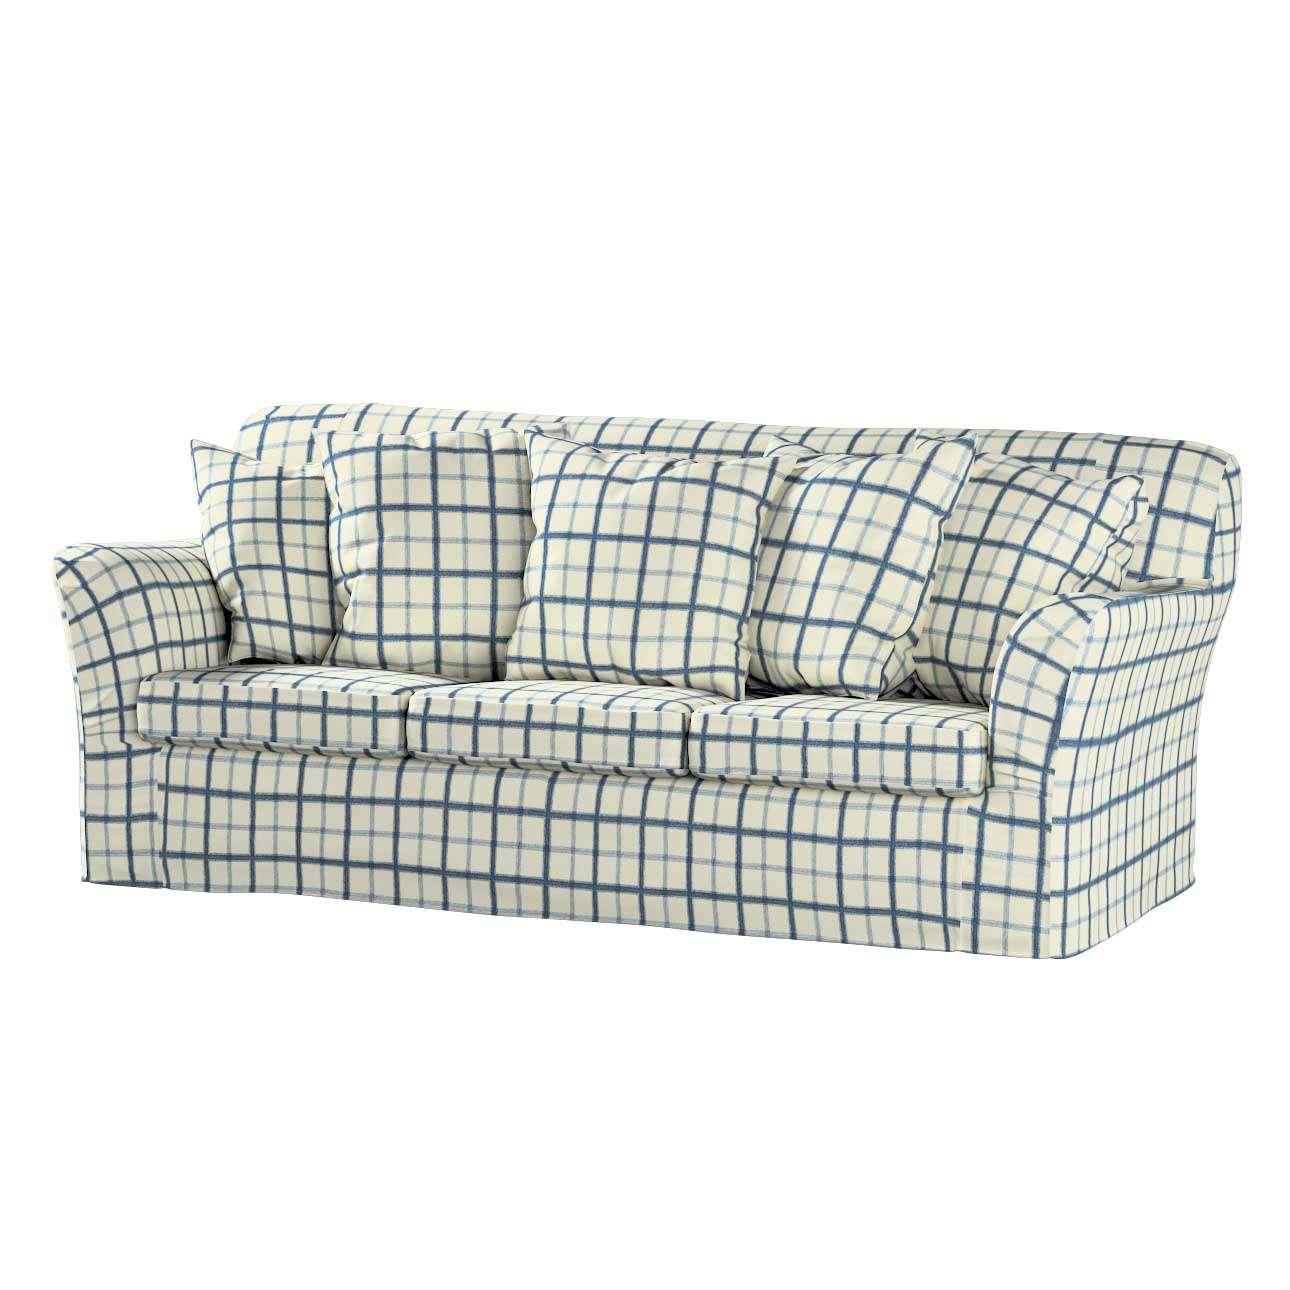 Pokrowiec na sofę Tomelilla 3-osobową nierozkładaną Sofa Tomelilla 3-osobowa w kolekcji Avinon, tkanina: 131-66